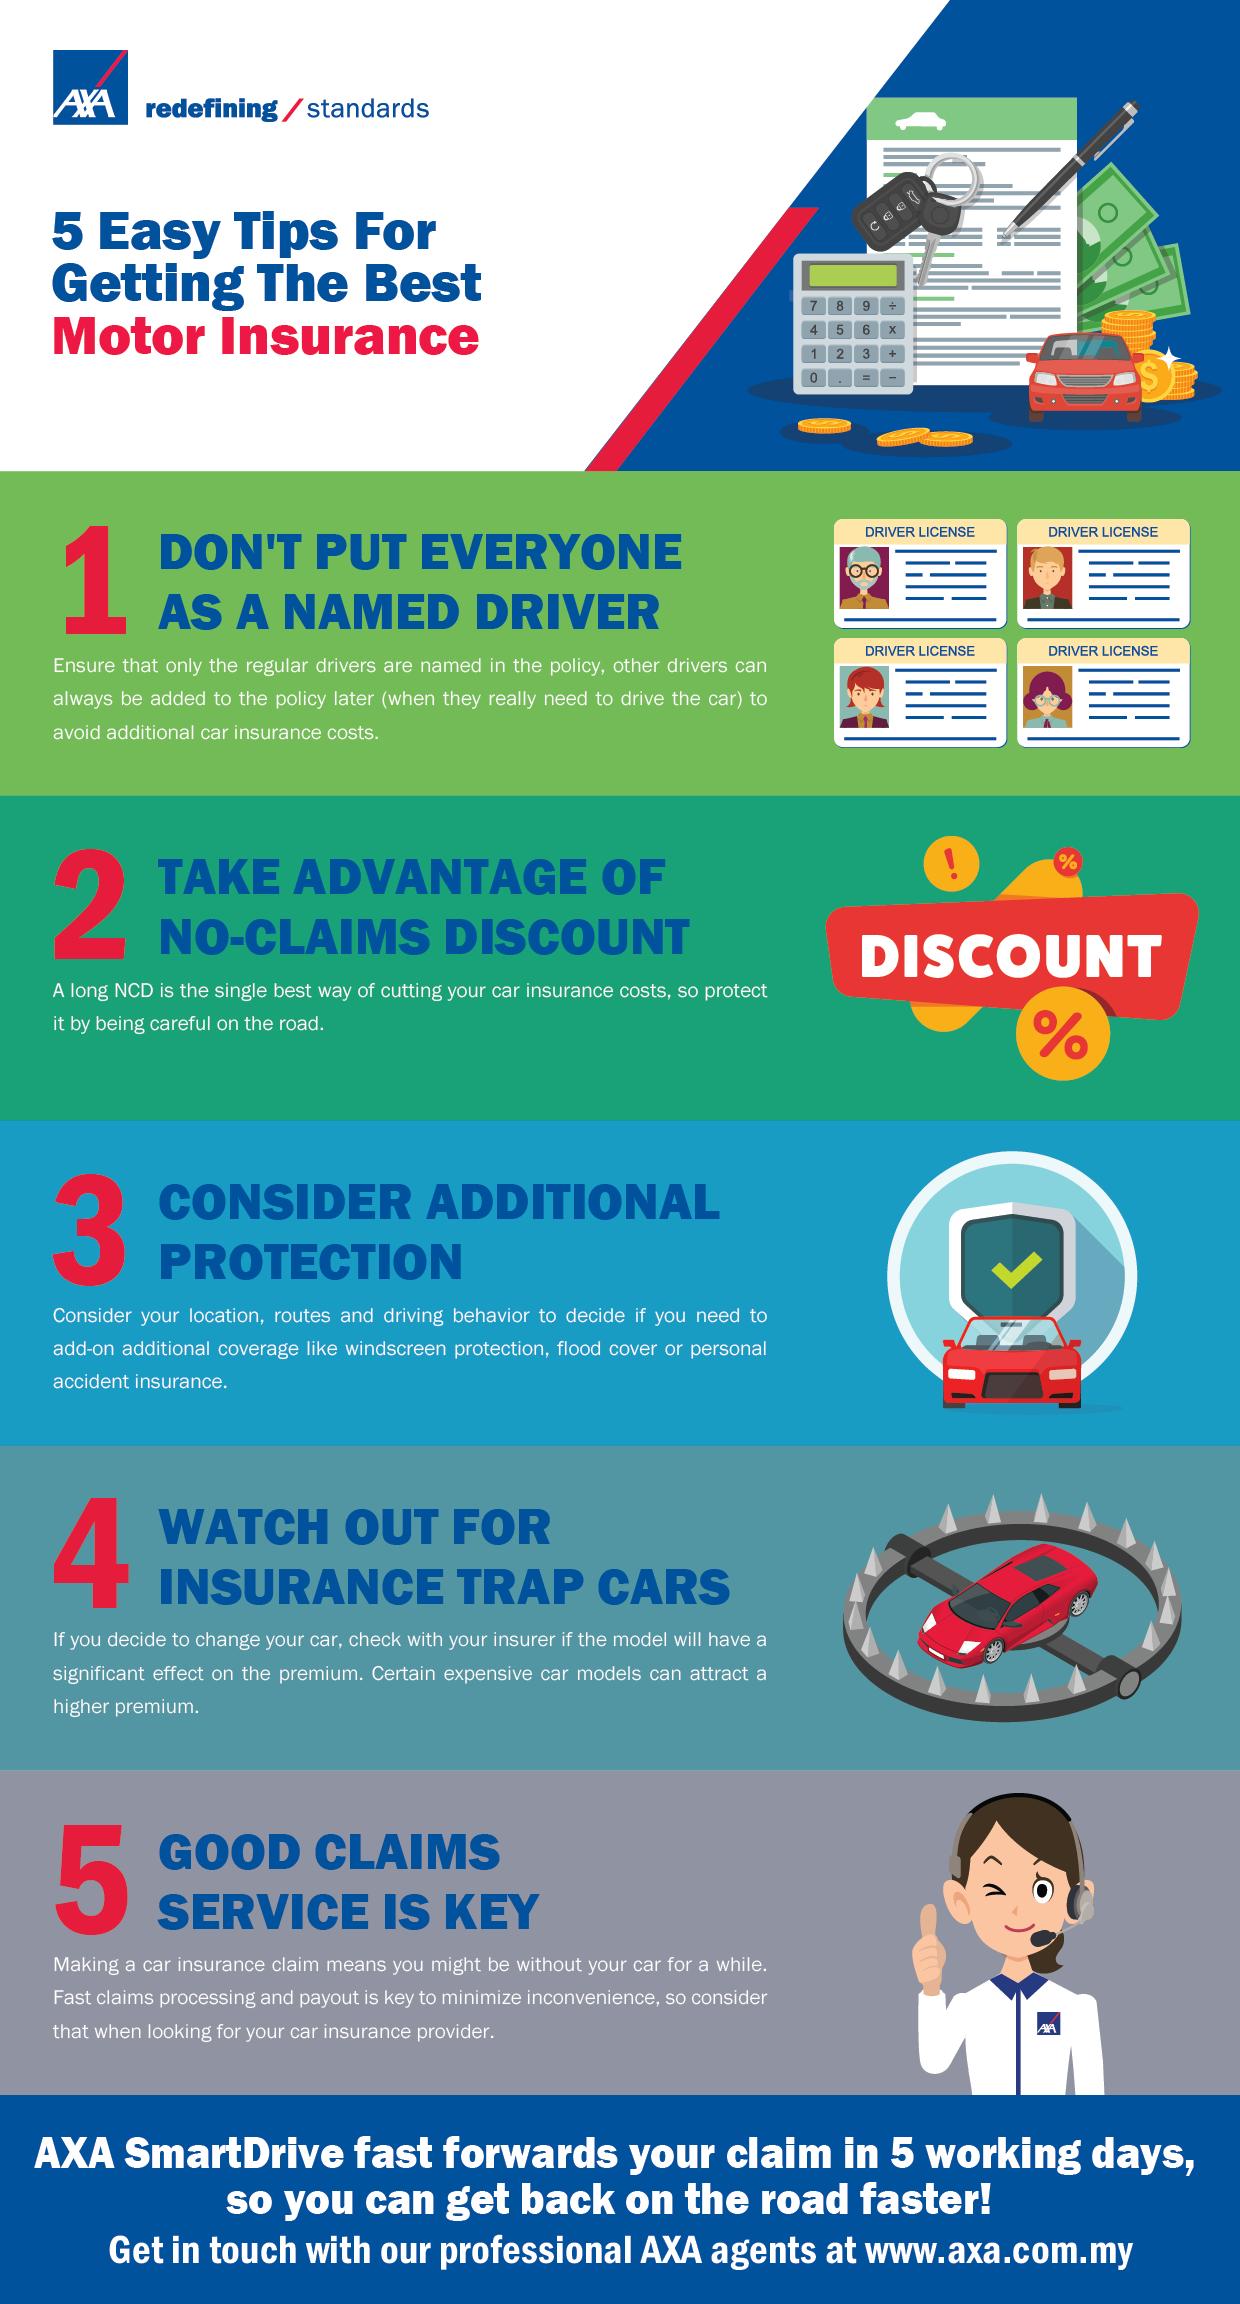 5 Easy Tips For Getting The Best Motor Insurance | AXA